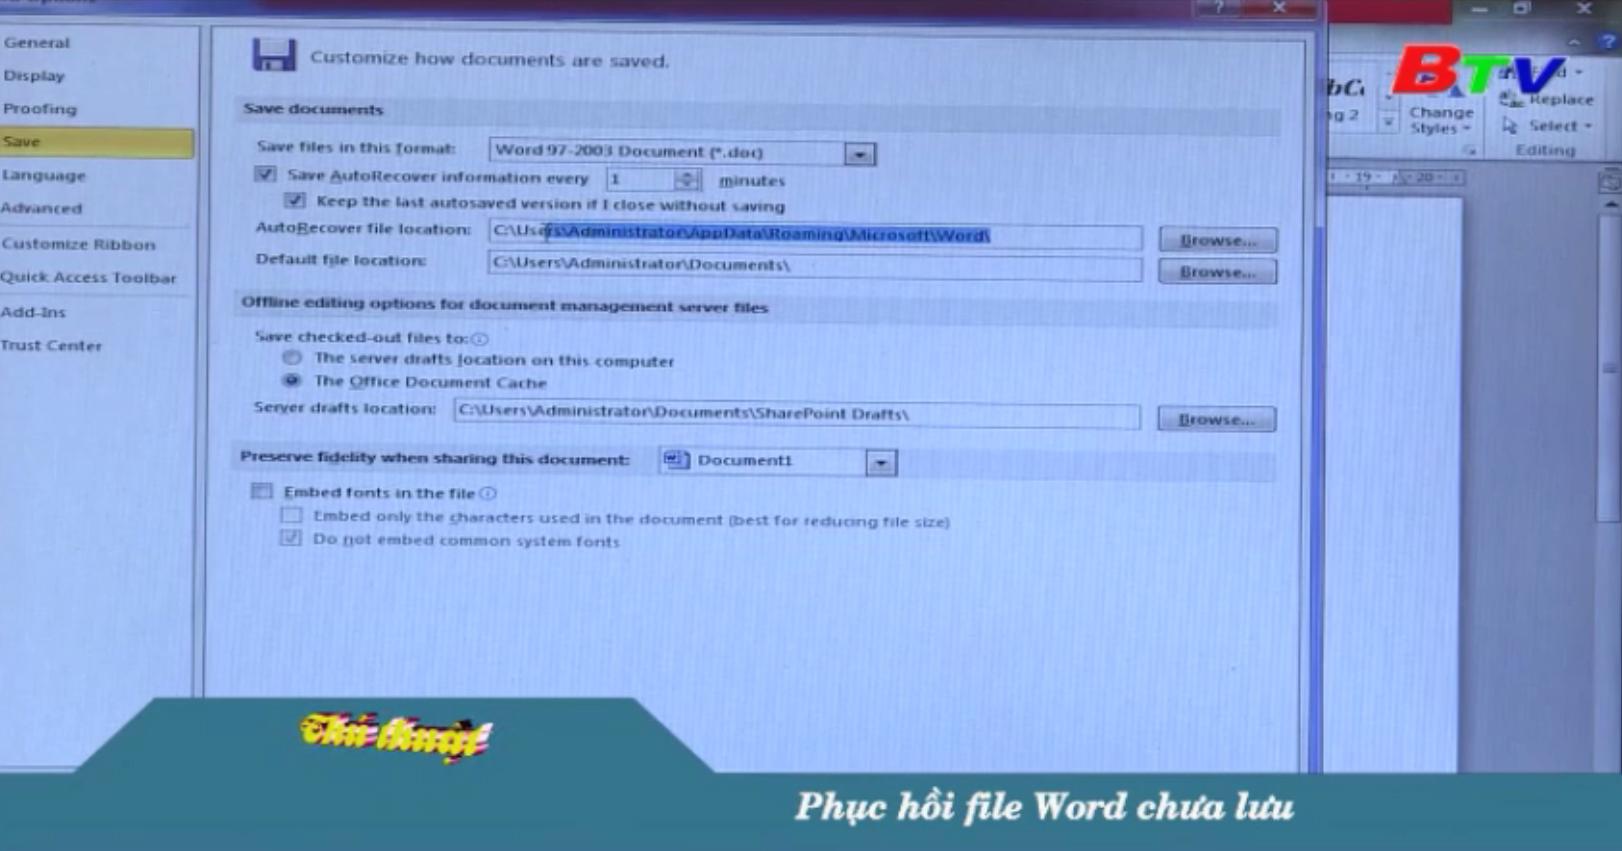 Phục hồi file Word chưa lưu